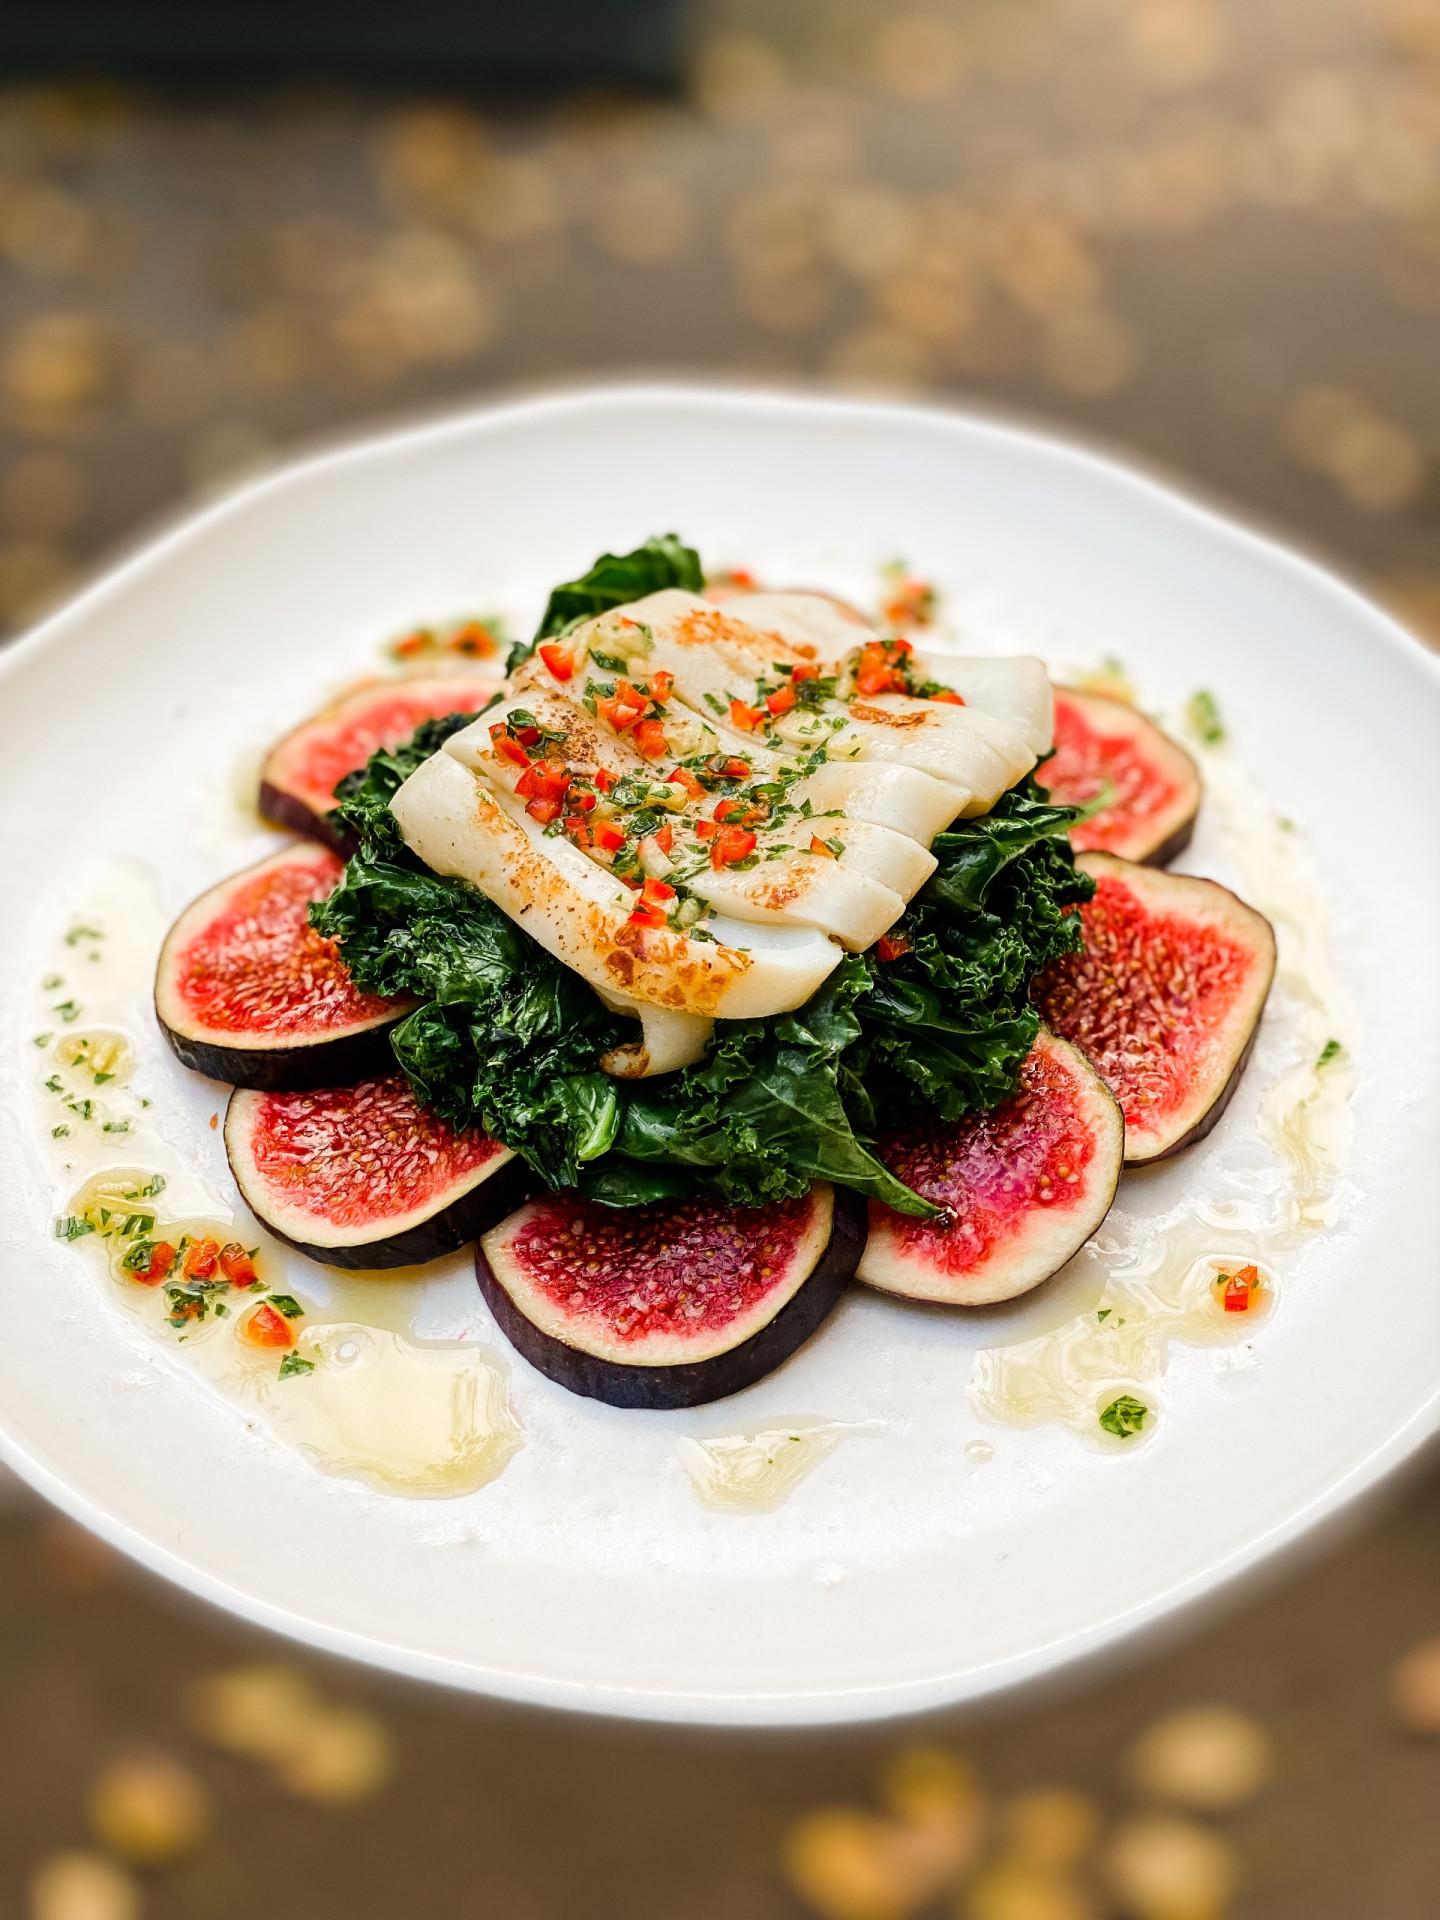 Салат с кальмаром, инжиром и жареным кейлом